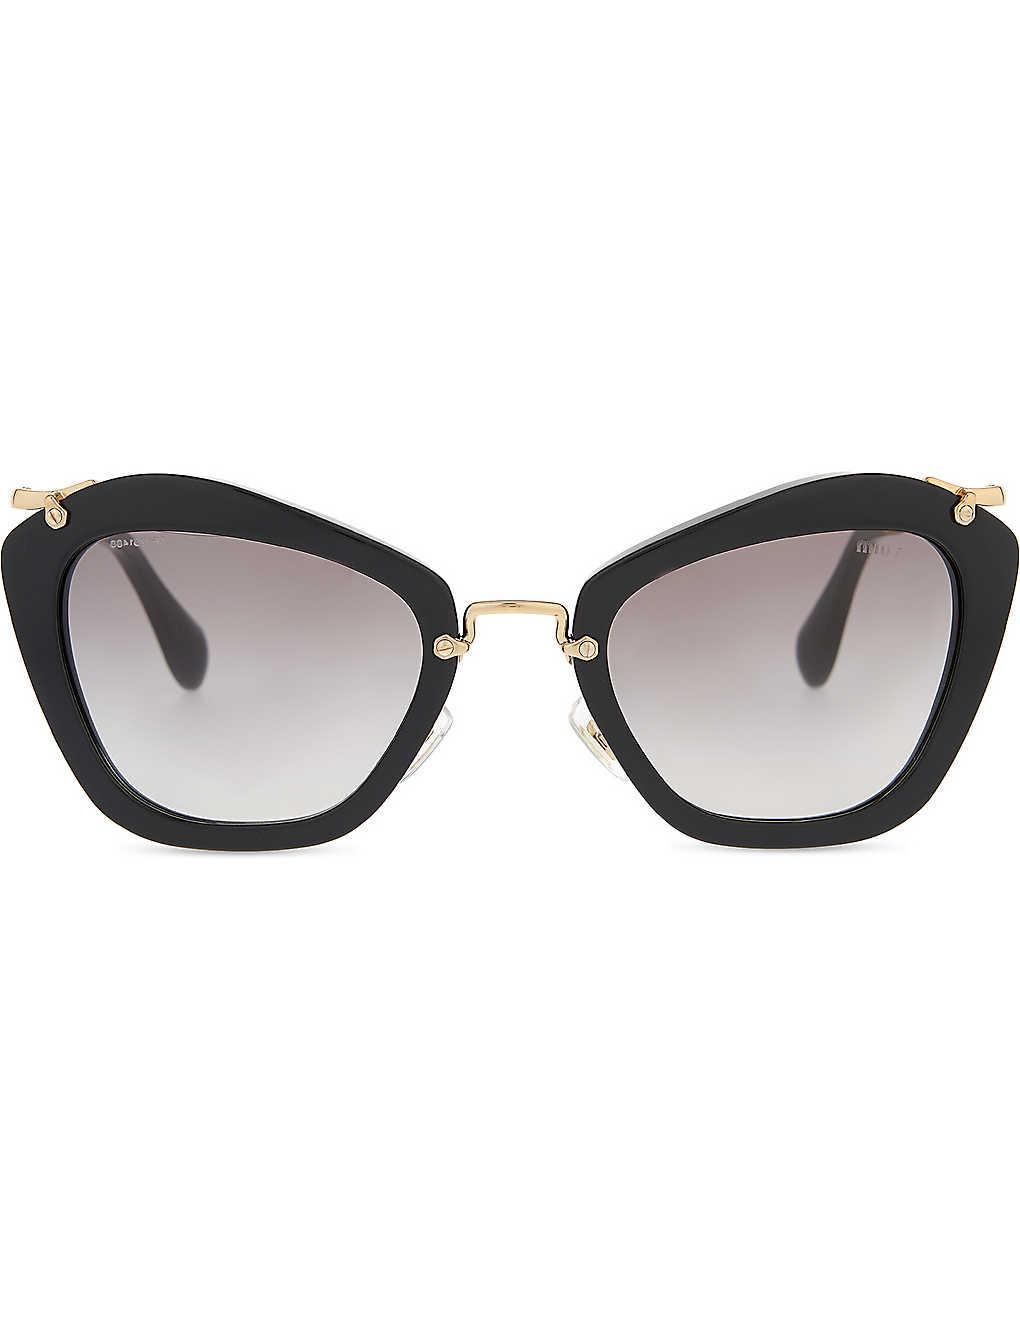 37593c4d4b35 MIU MIU - MU10NS Noir cat eye-frame sunglasses   Selfridges.com